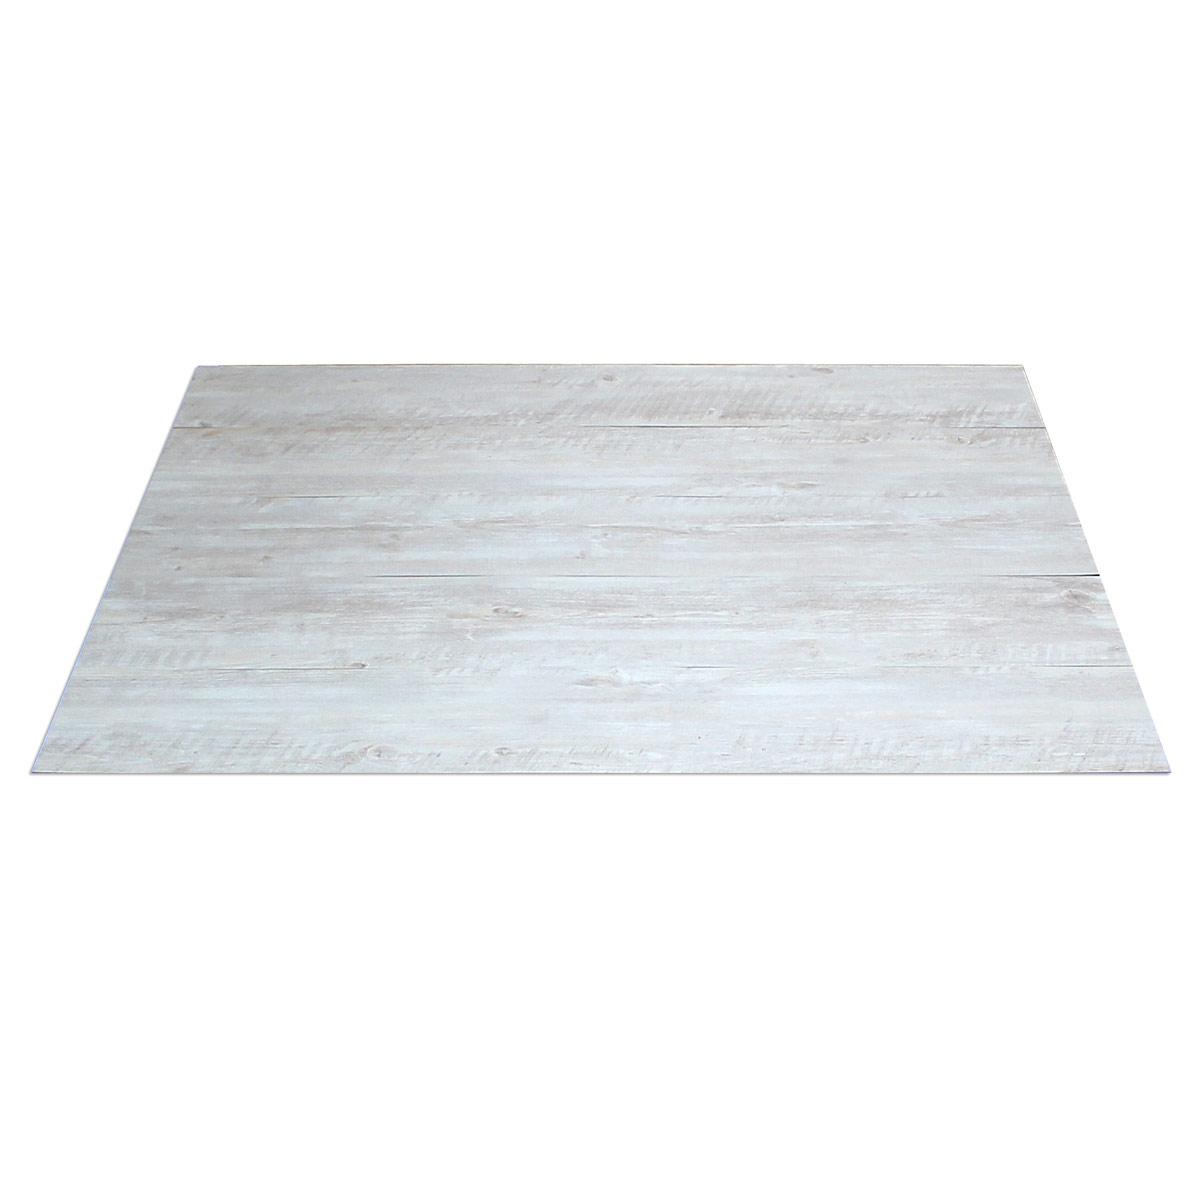 neu holz 20m vinyl laminat dielen planken eiche whitewash. Black Bedroom Furniture Sets. Home Design Ideas